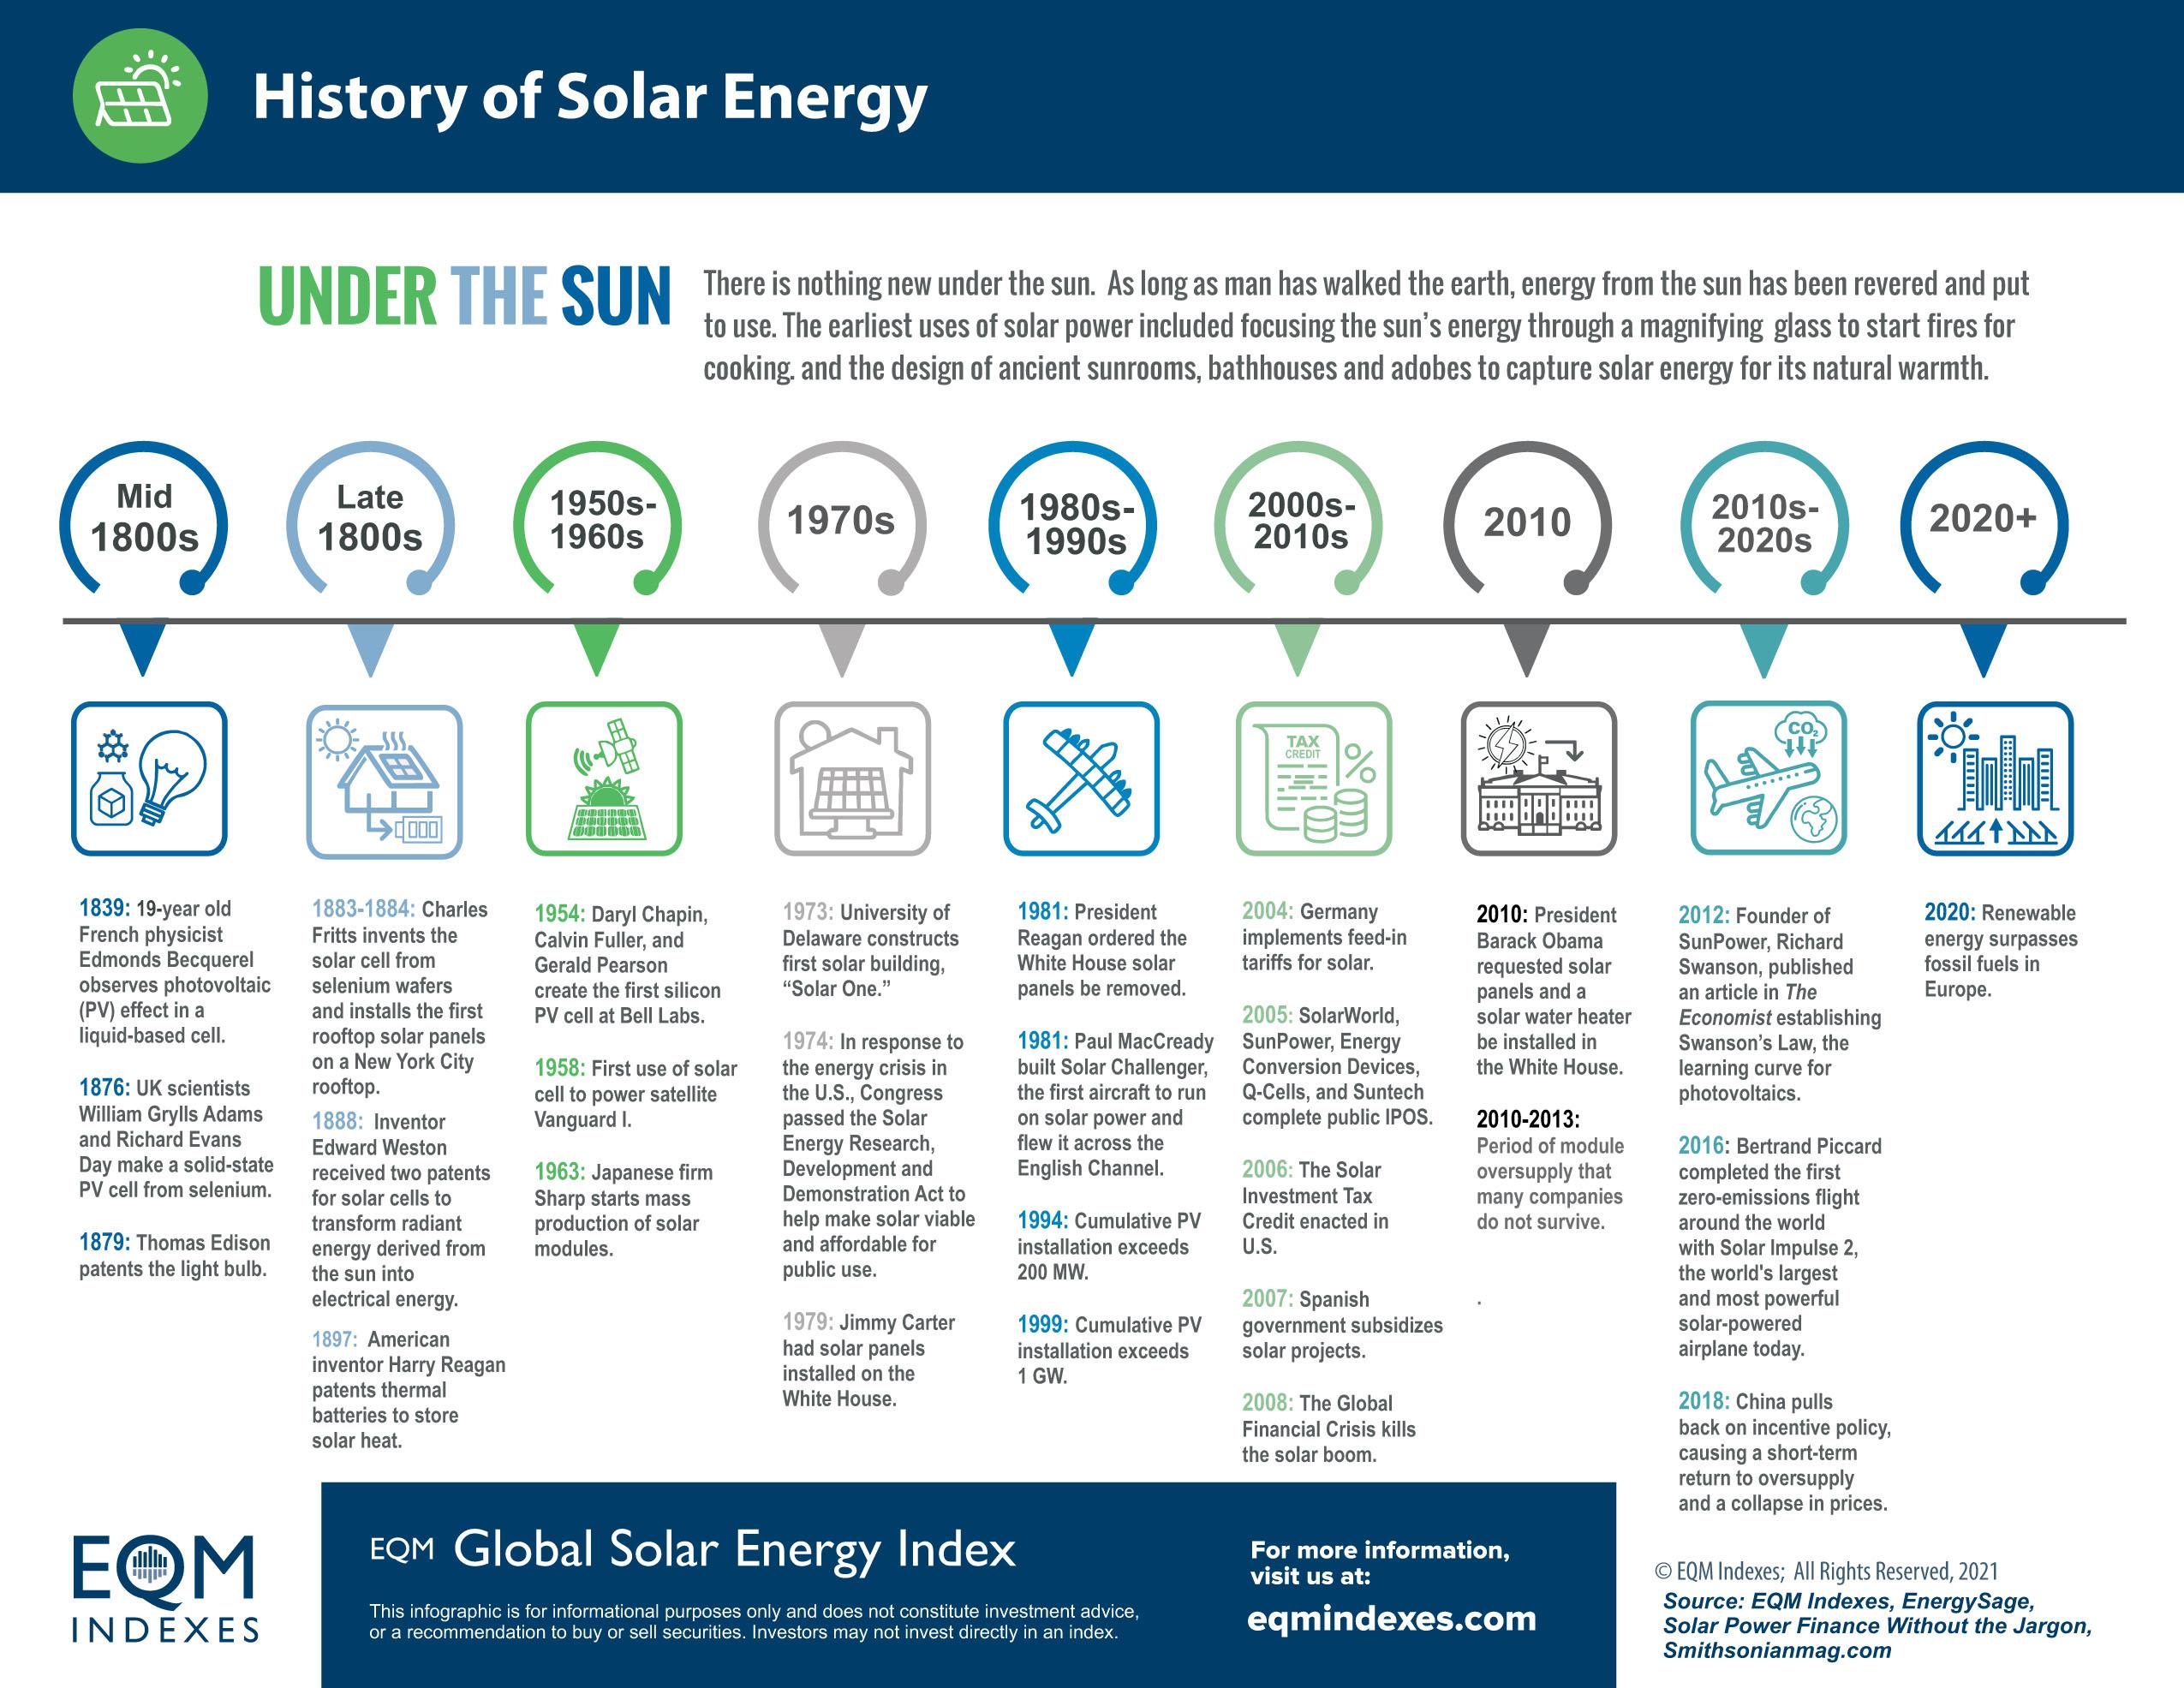 EQM GLOBAL SOLAR TIMELINE